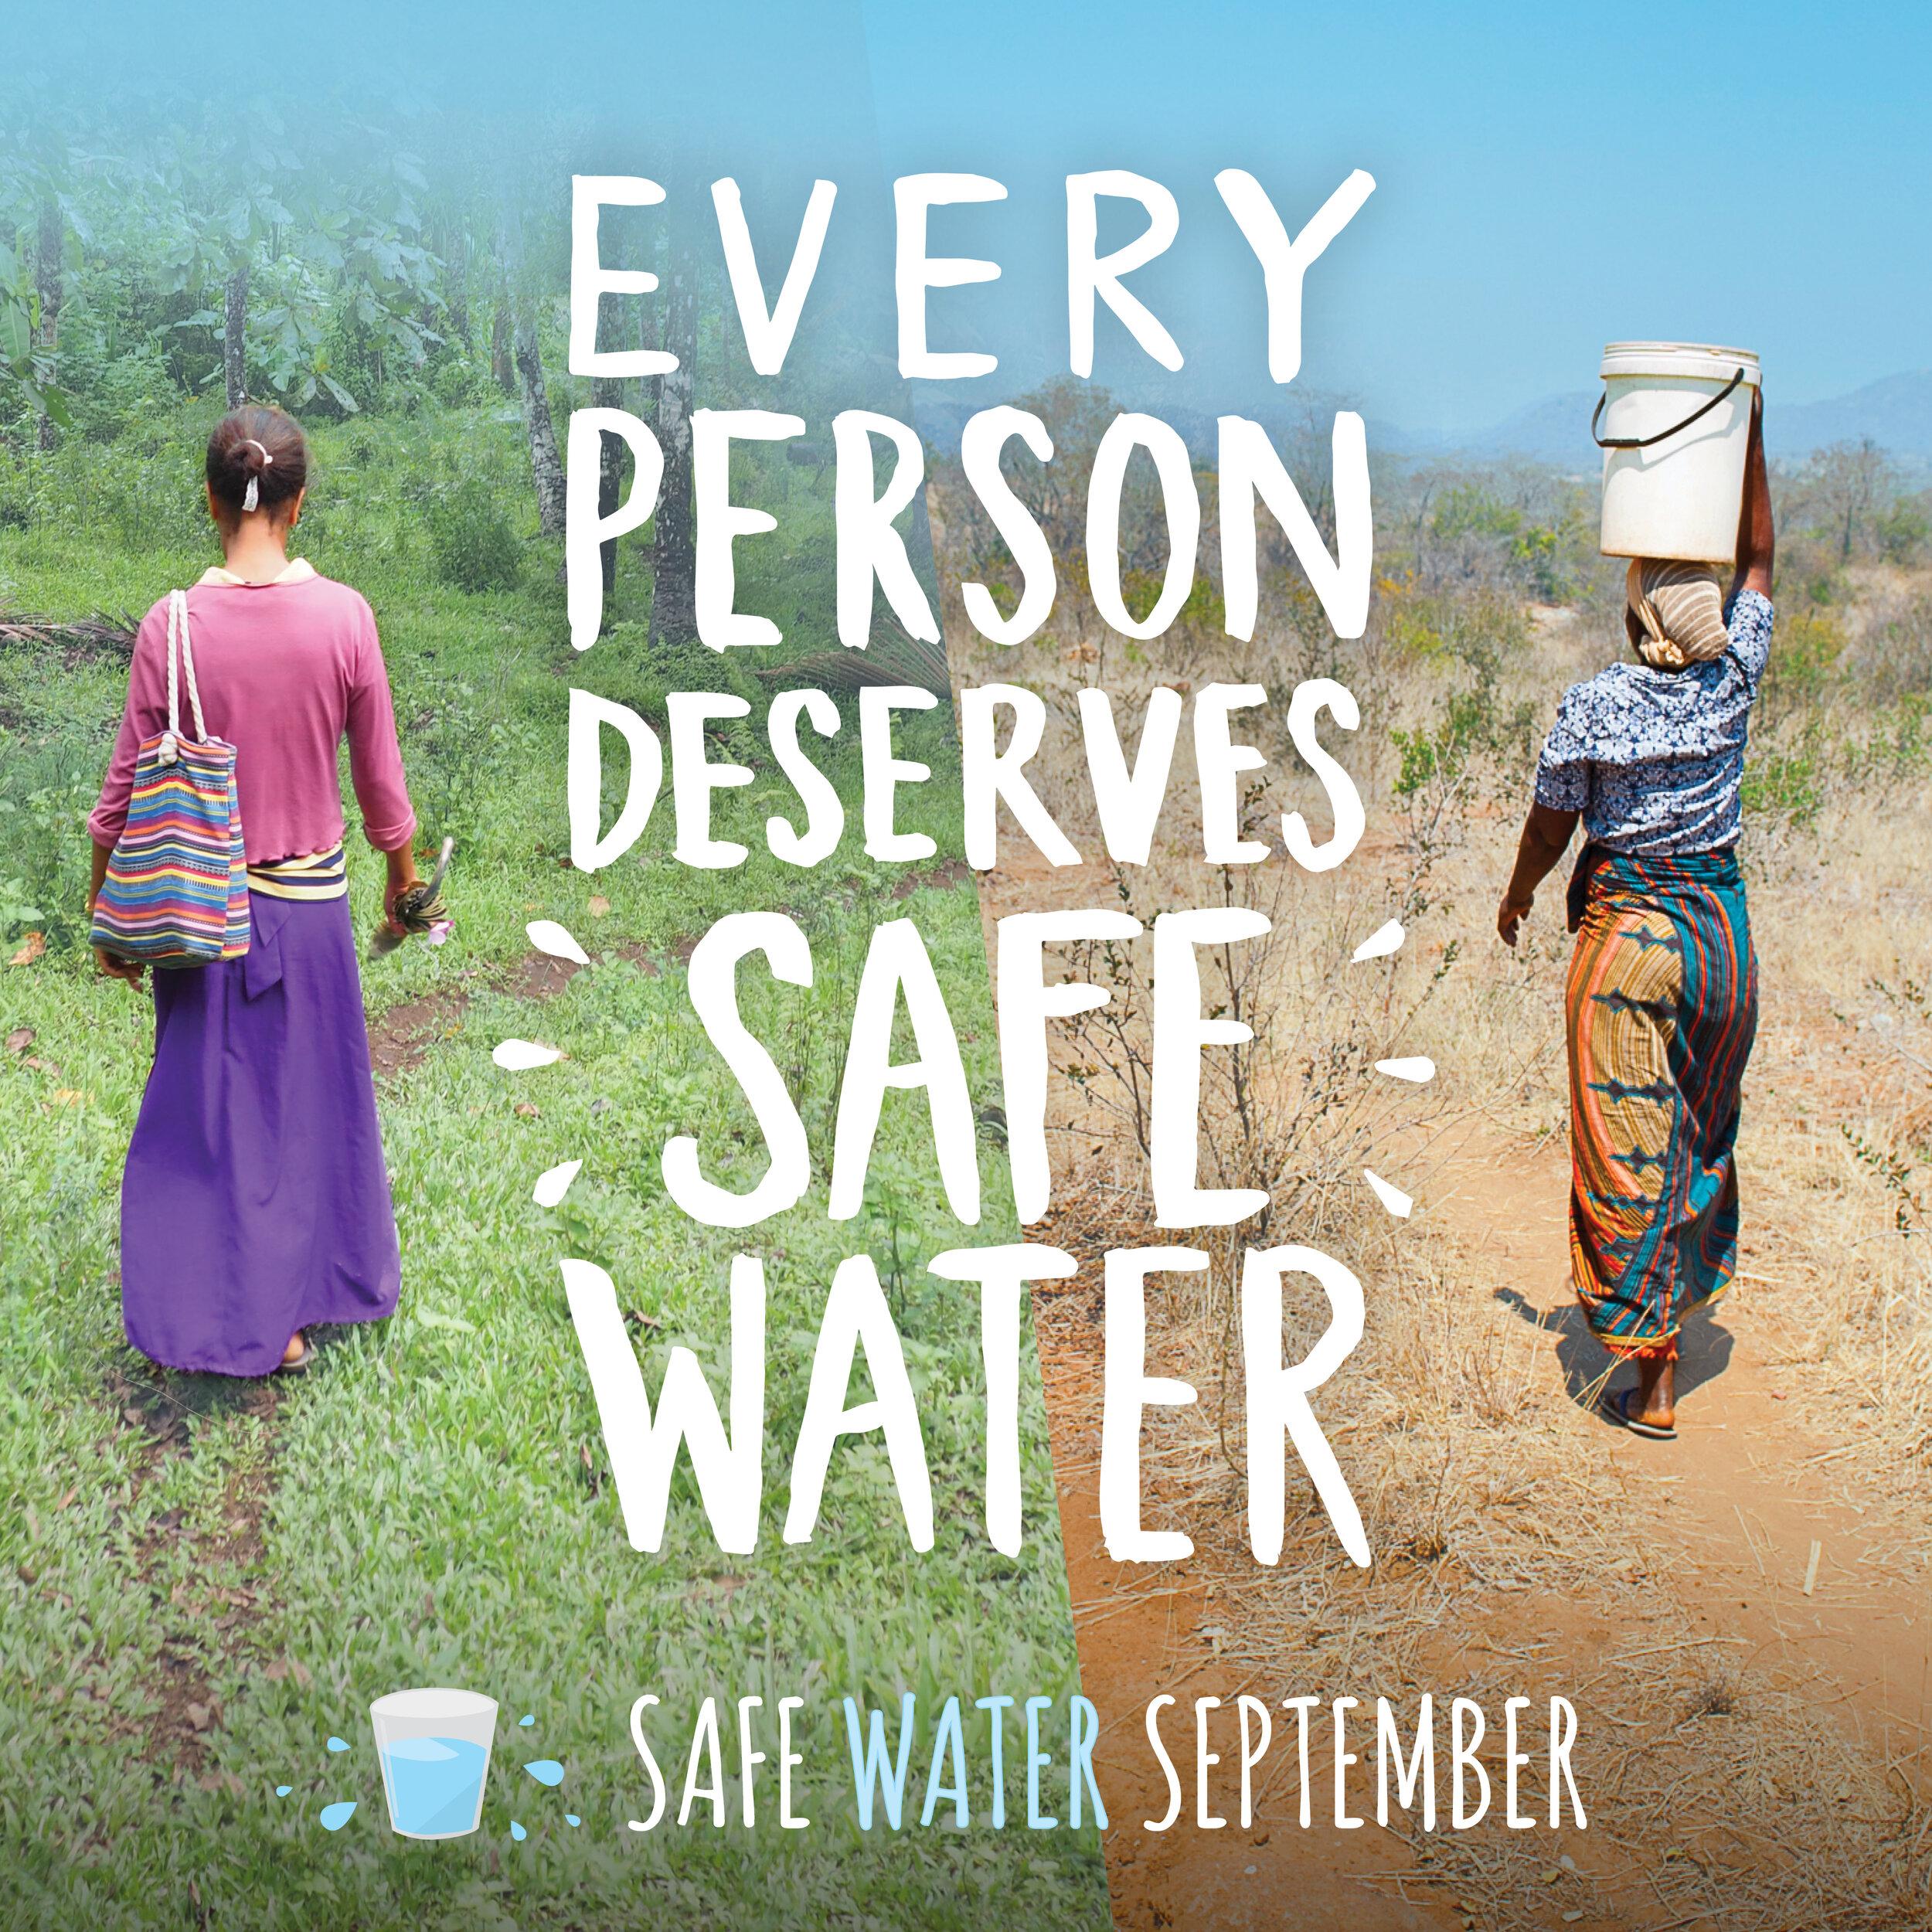 Safewater September 2019.jpg